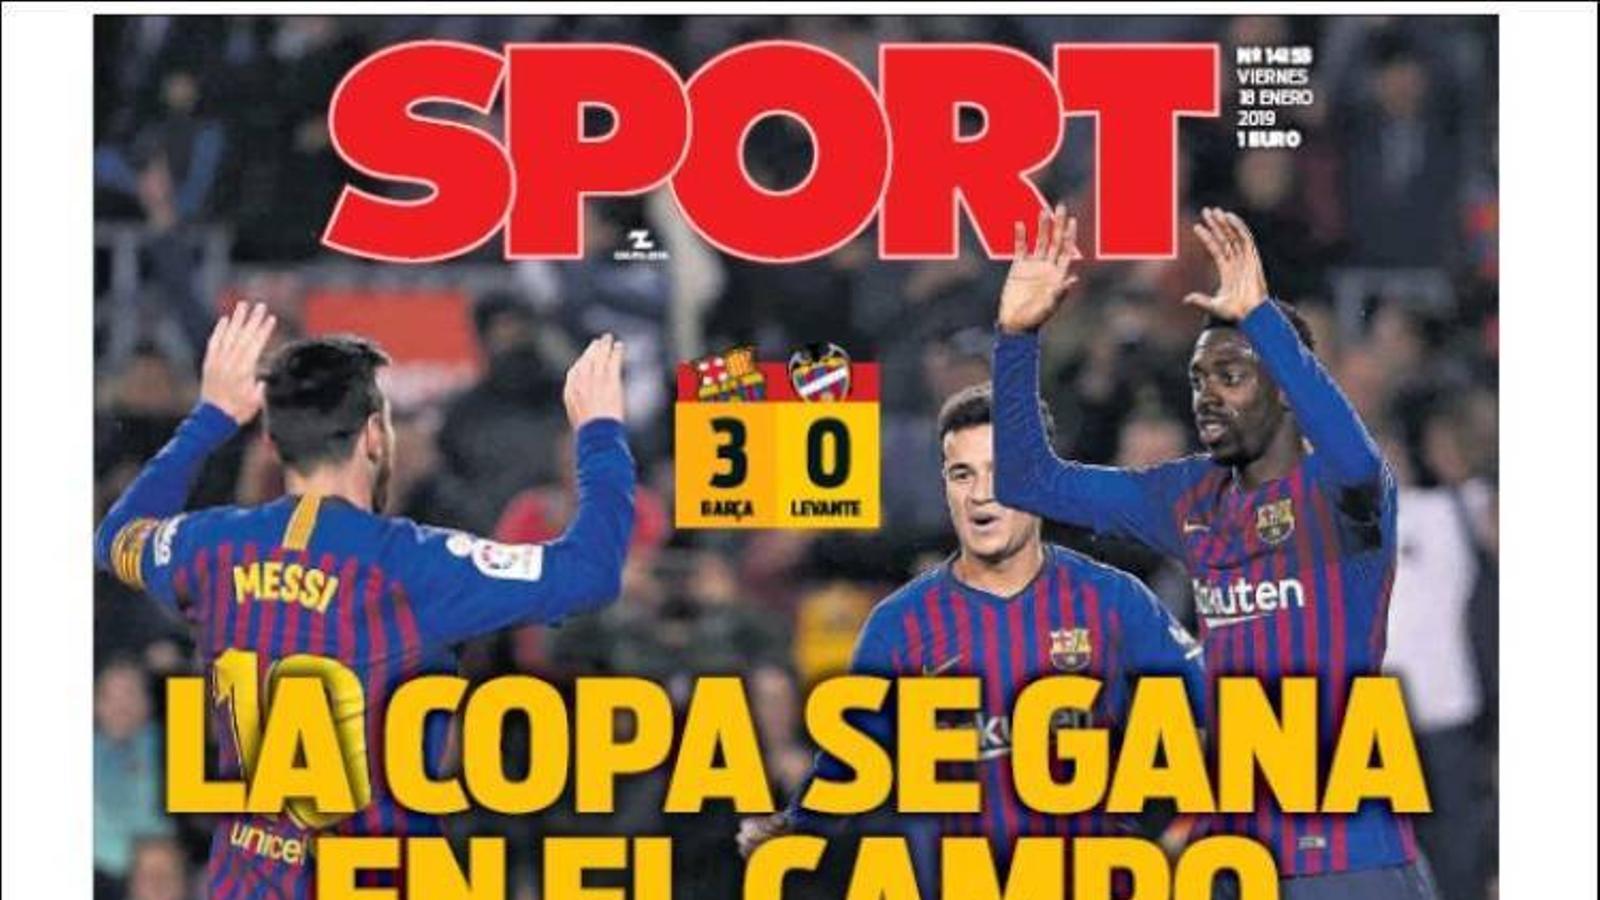 """""""La Copa es guanya al camp i no als despatxos"""", portada de l''Sport'"""